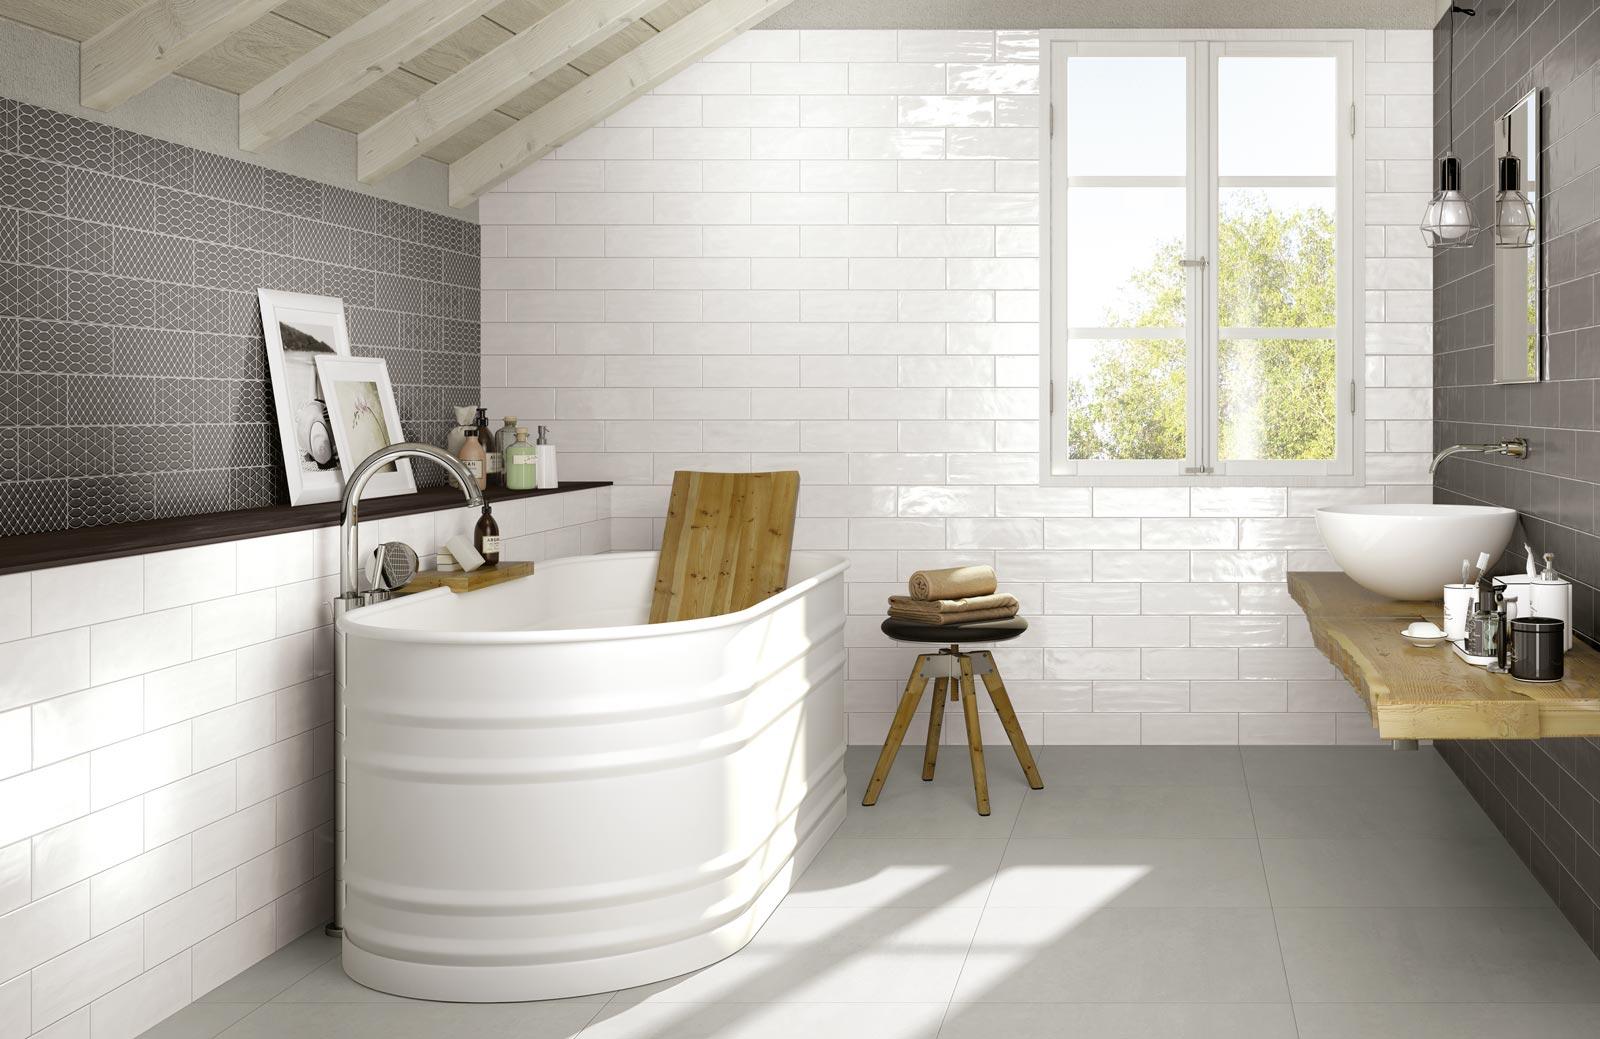 Collezione brick glossy rivestimenti per cucina e bagno - Piastrelle per rivestimenti ...